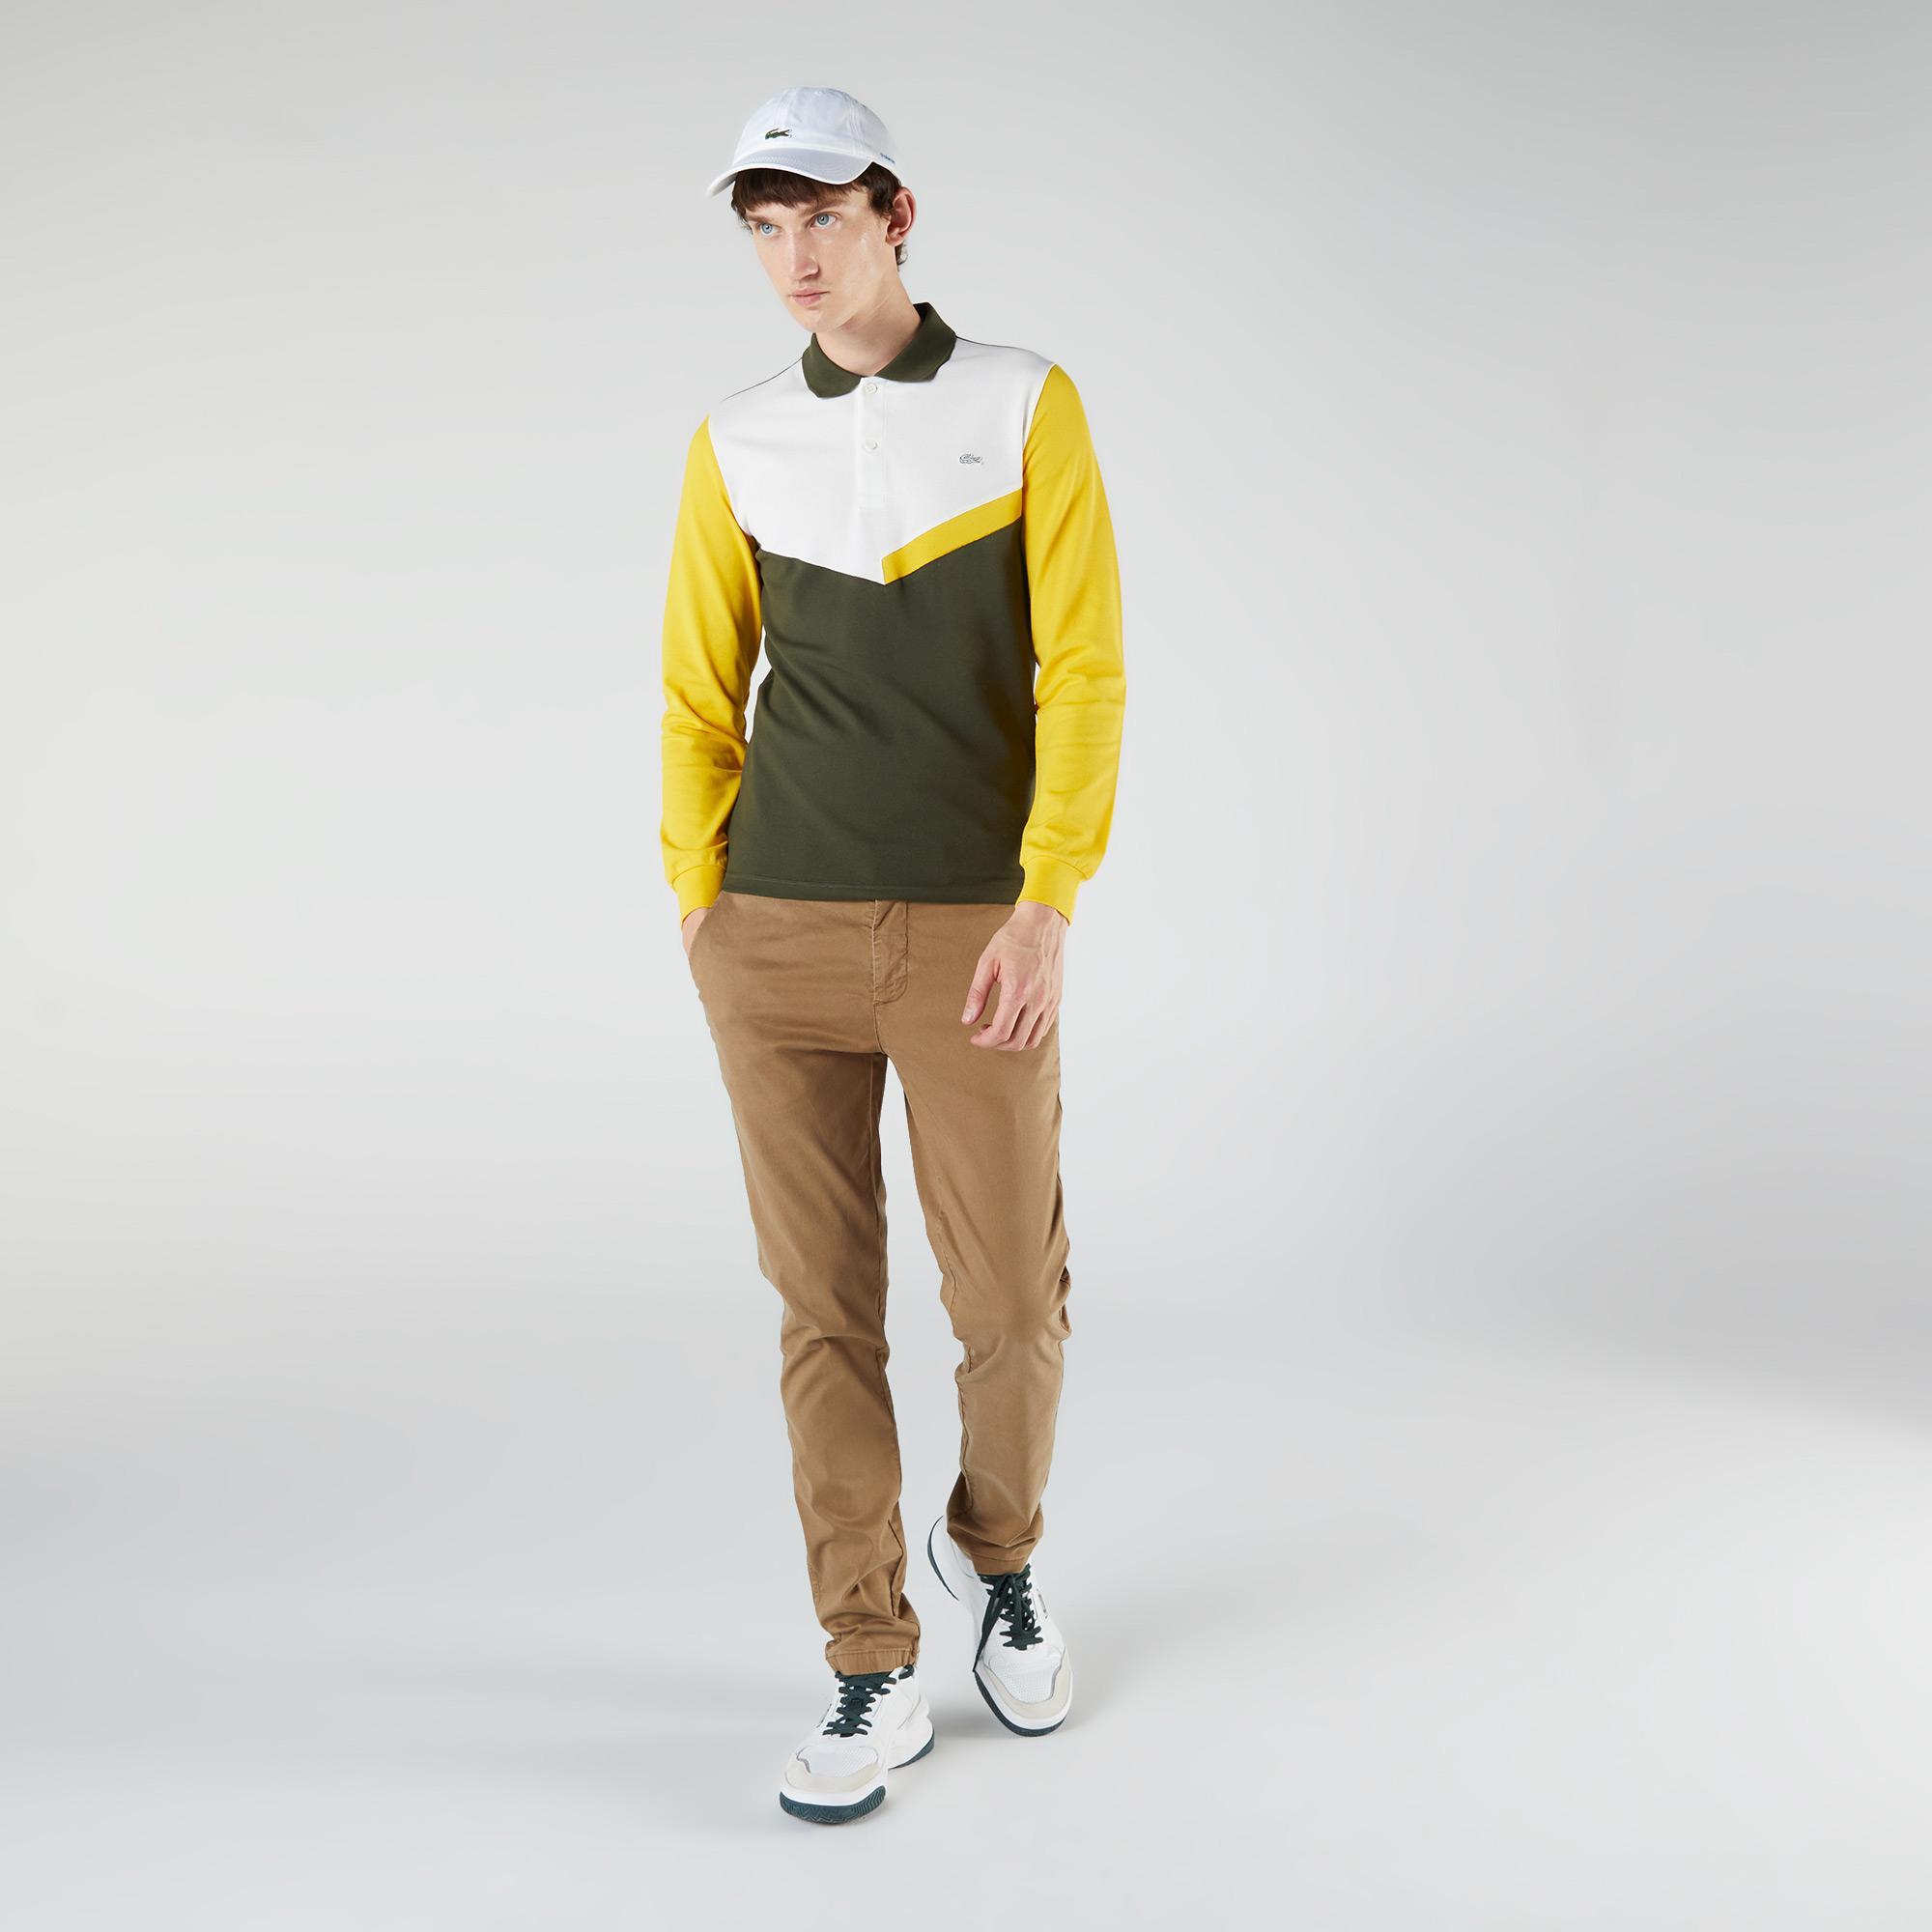 Lacoste Erkek Slim Fit Uzun Kollu Renk Bloklu Haki Polo